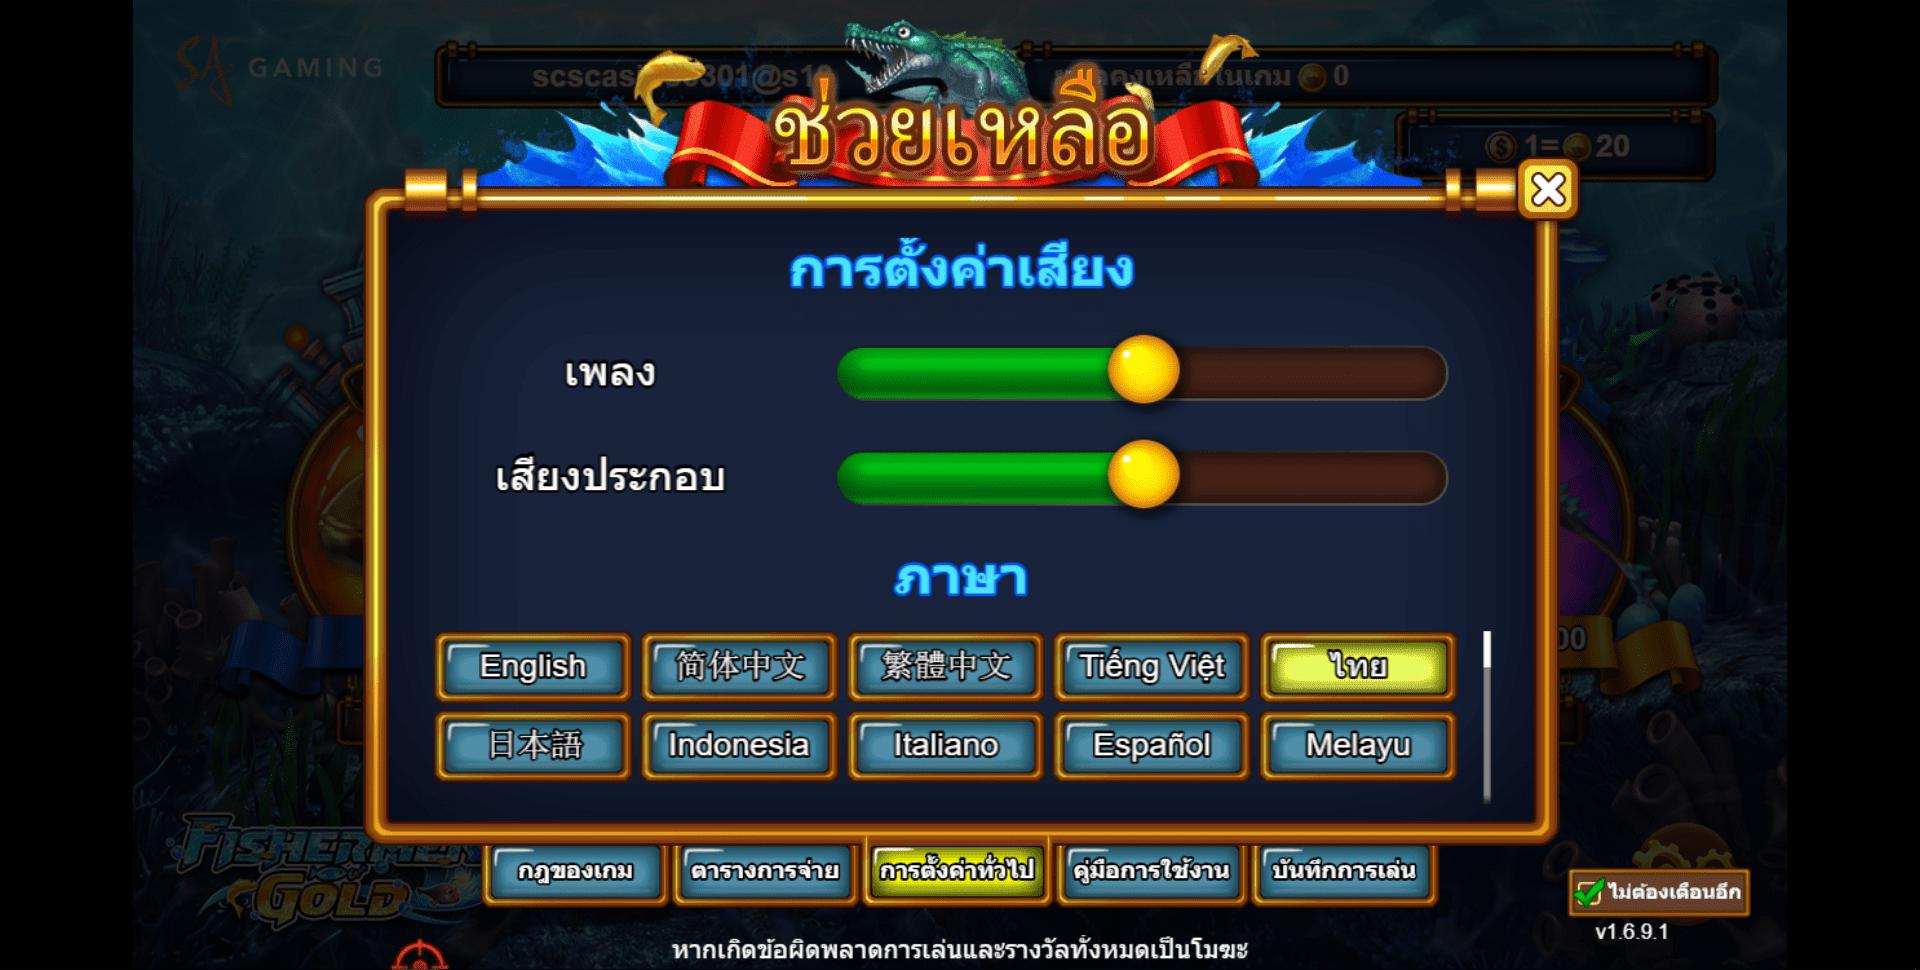 การตั้งค่าเสียง-ภาษาเกมยิงปลา FISHERMEN GOLD sa gaming